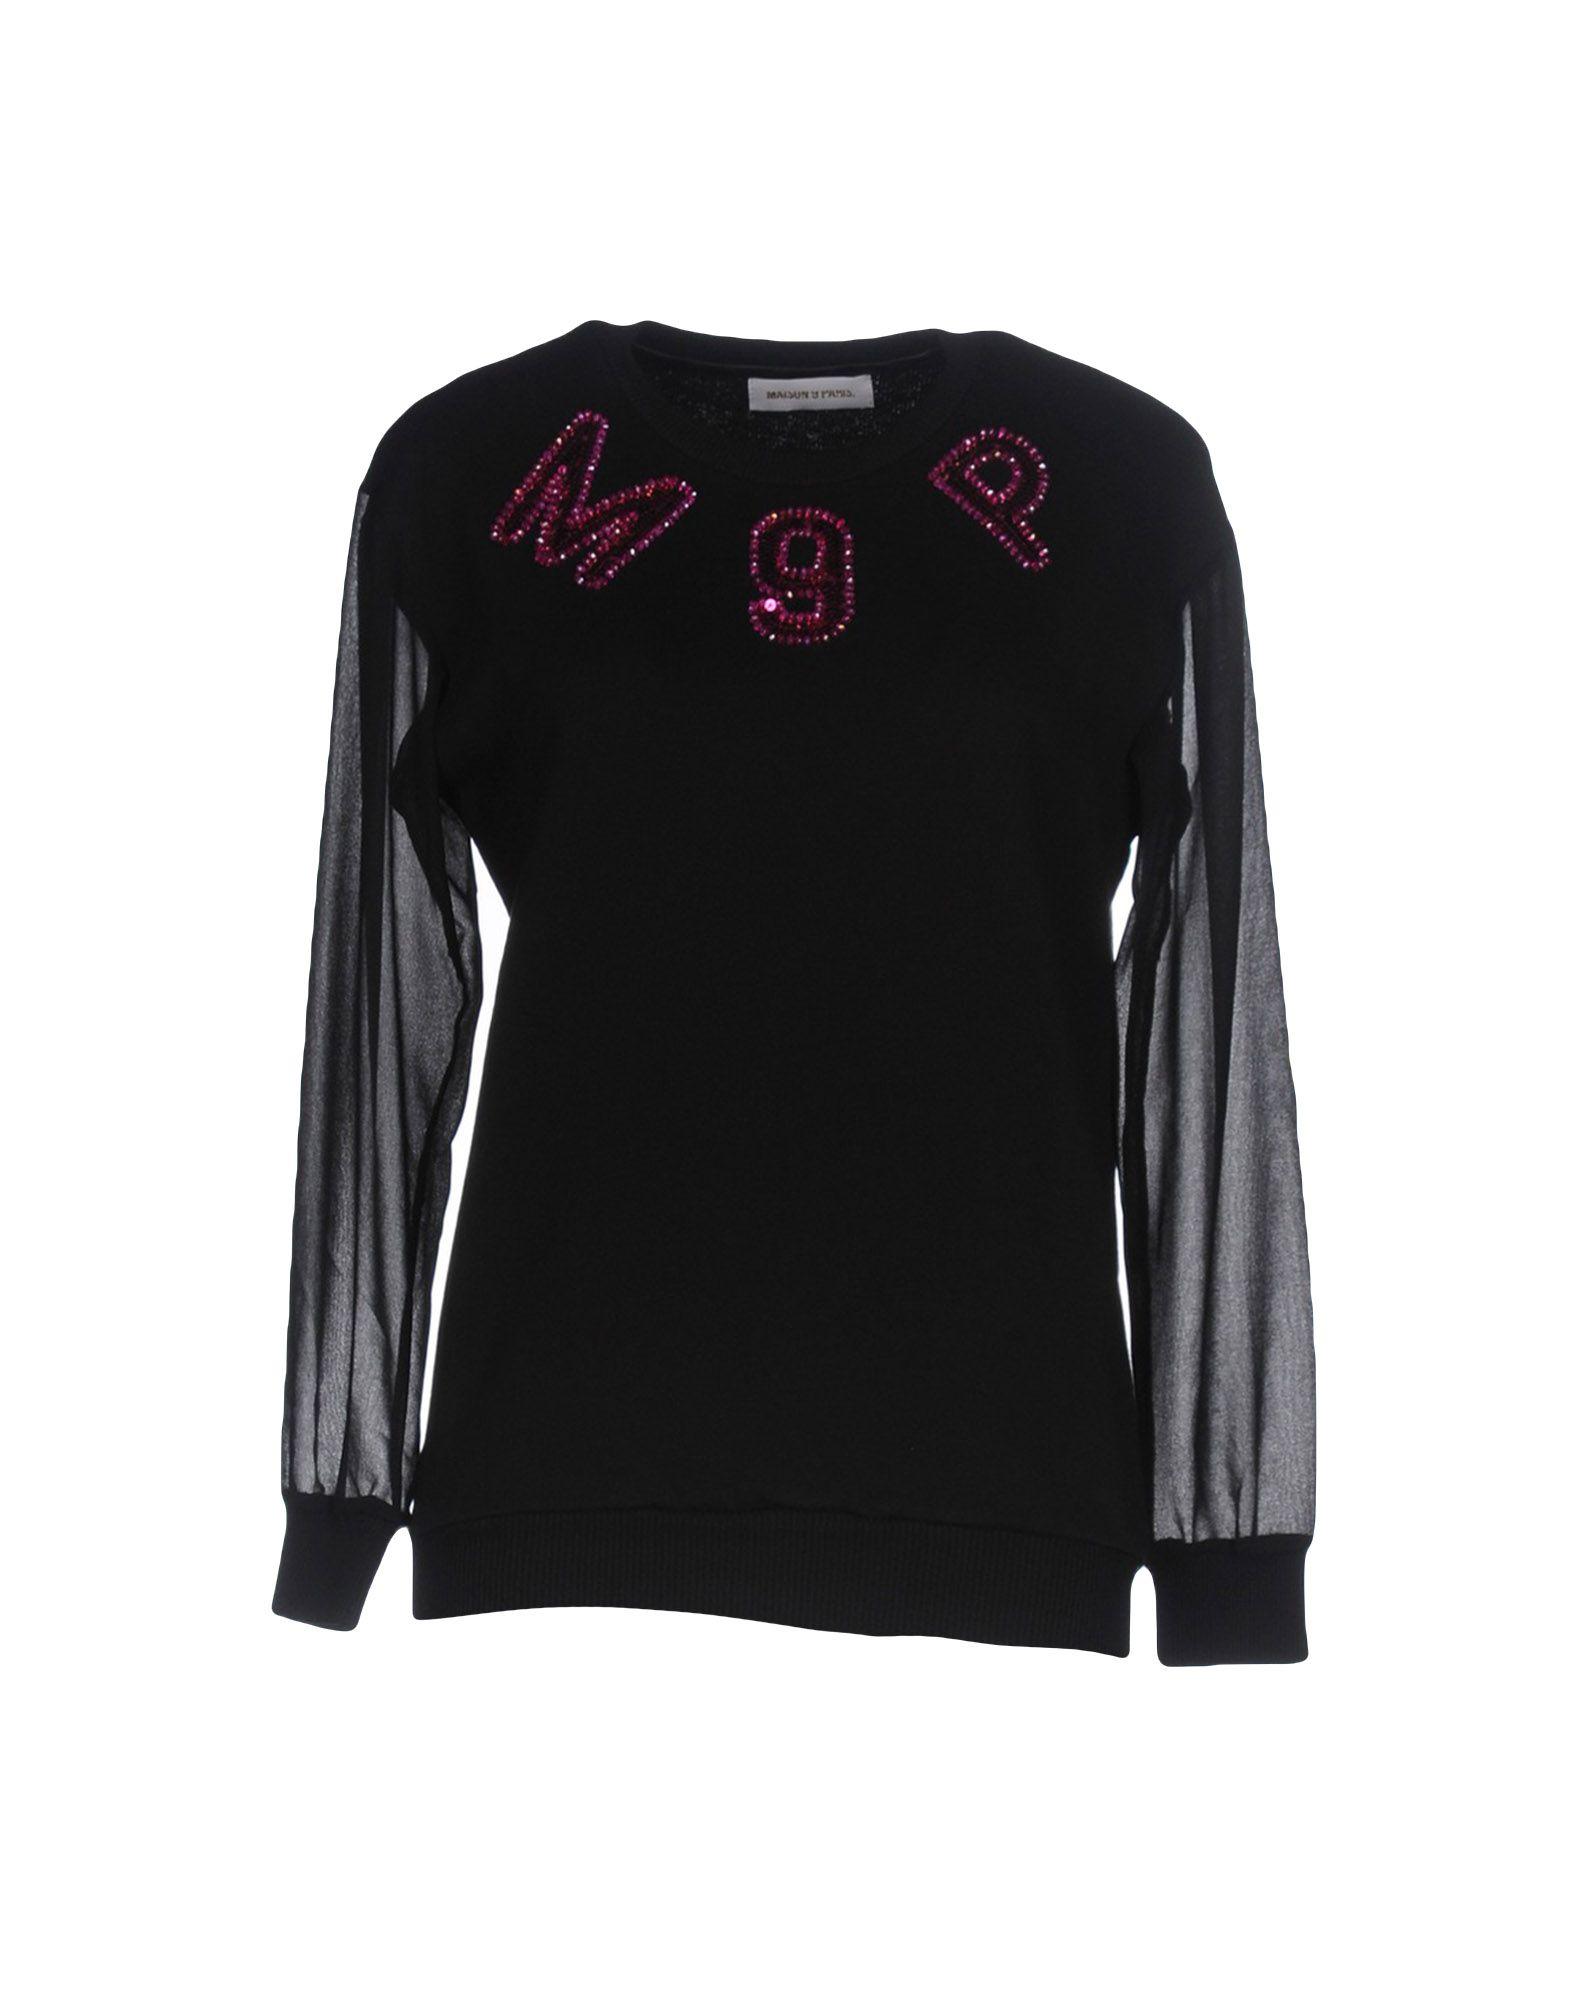 6e46a85c0d Buy maison 9 paris tops for women - Best women's maison 9 paris tops shop -  Cools.com